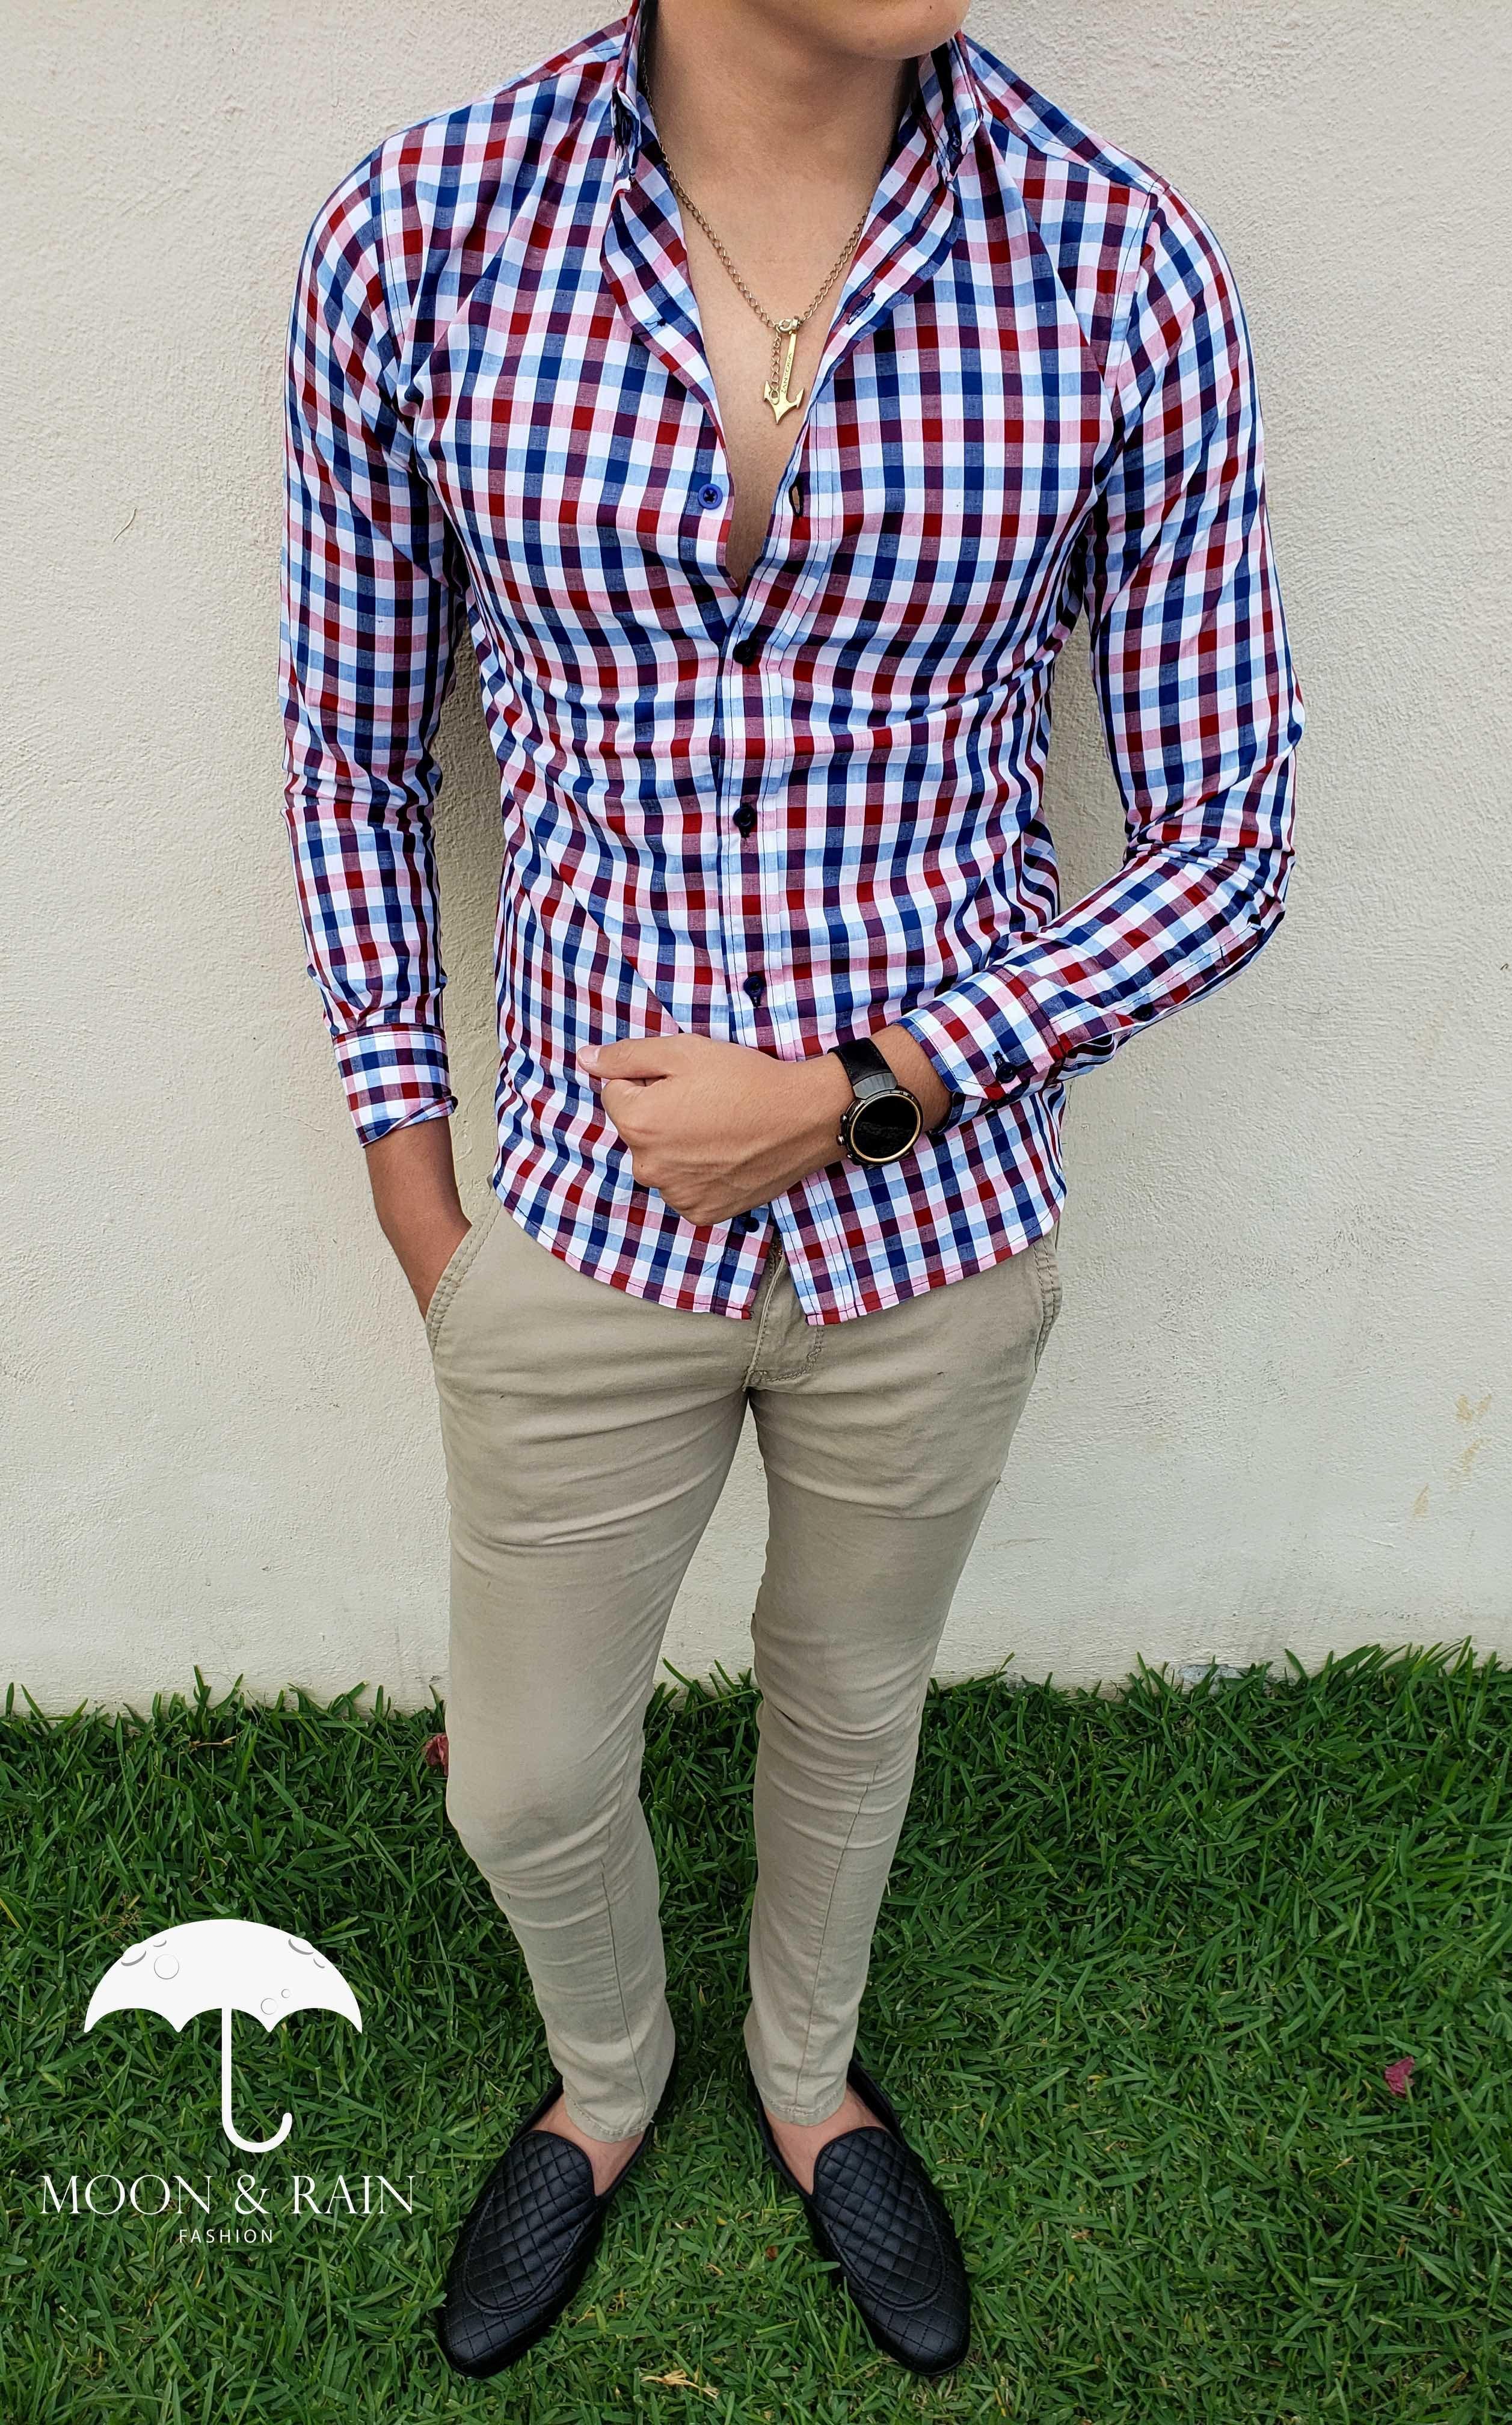 Camisa Slim Fit De Cuadros Para Hombre Azul Marino Y Rojo Pantalon Skinny De Gabardina Beige Vestimenta Casual Hombres Moda Ropa Hombre Ropa Casual Hombres